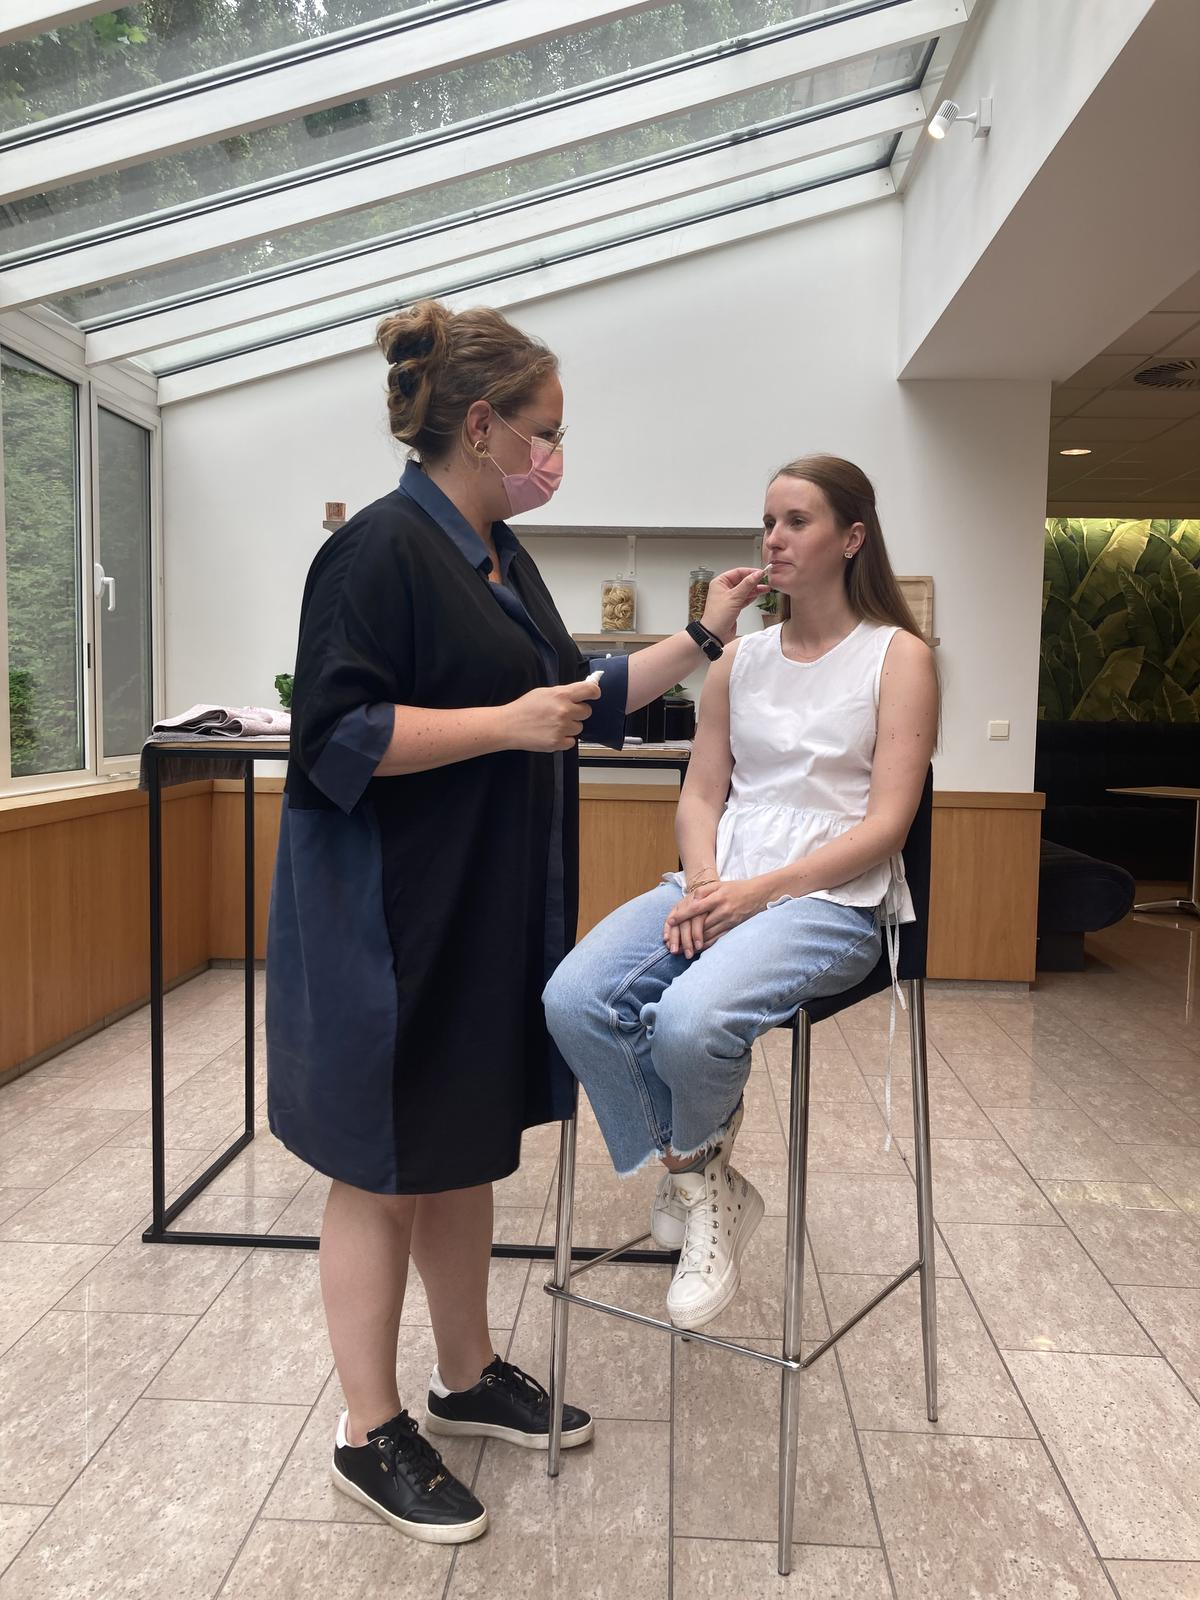 Eerst demonstreerde Sabine de technieken, daarna mochten onze lezers het zelf uitproberen. (GF)